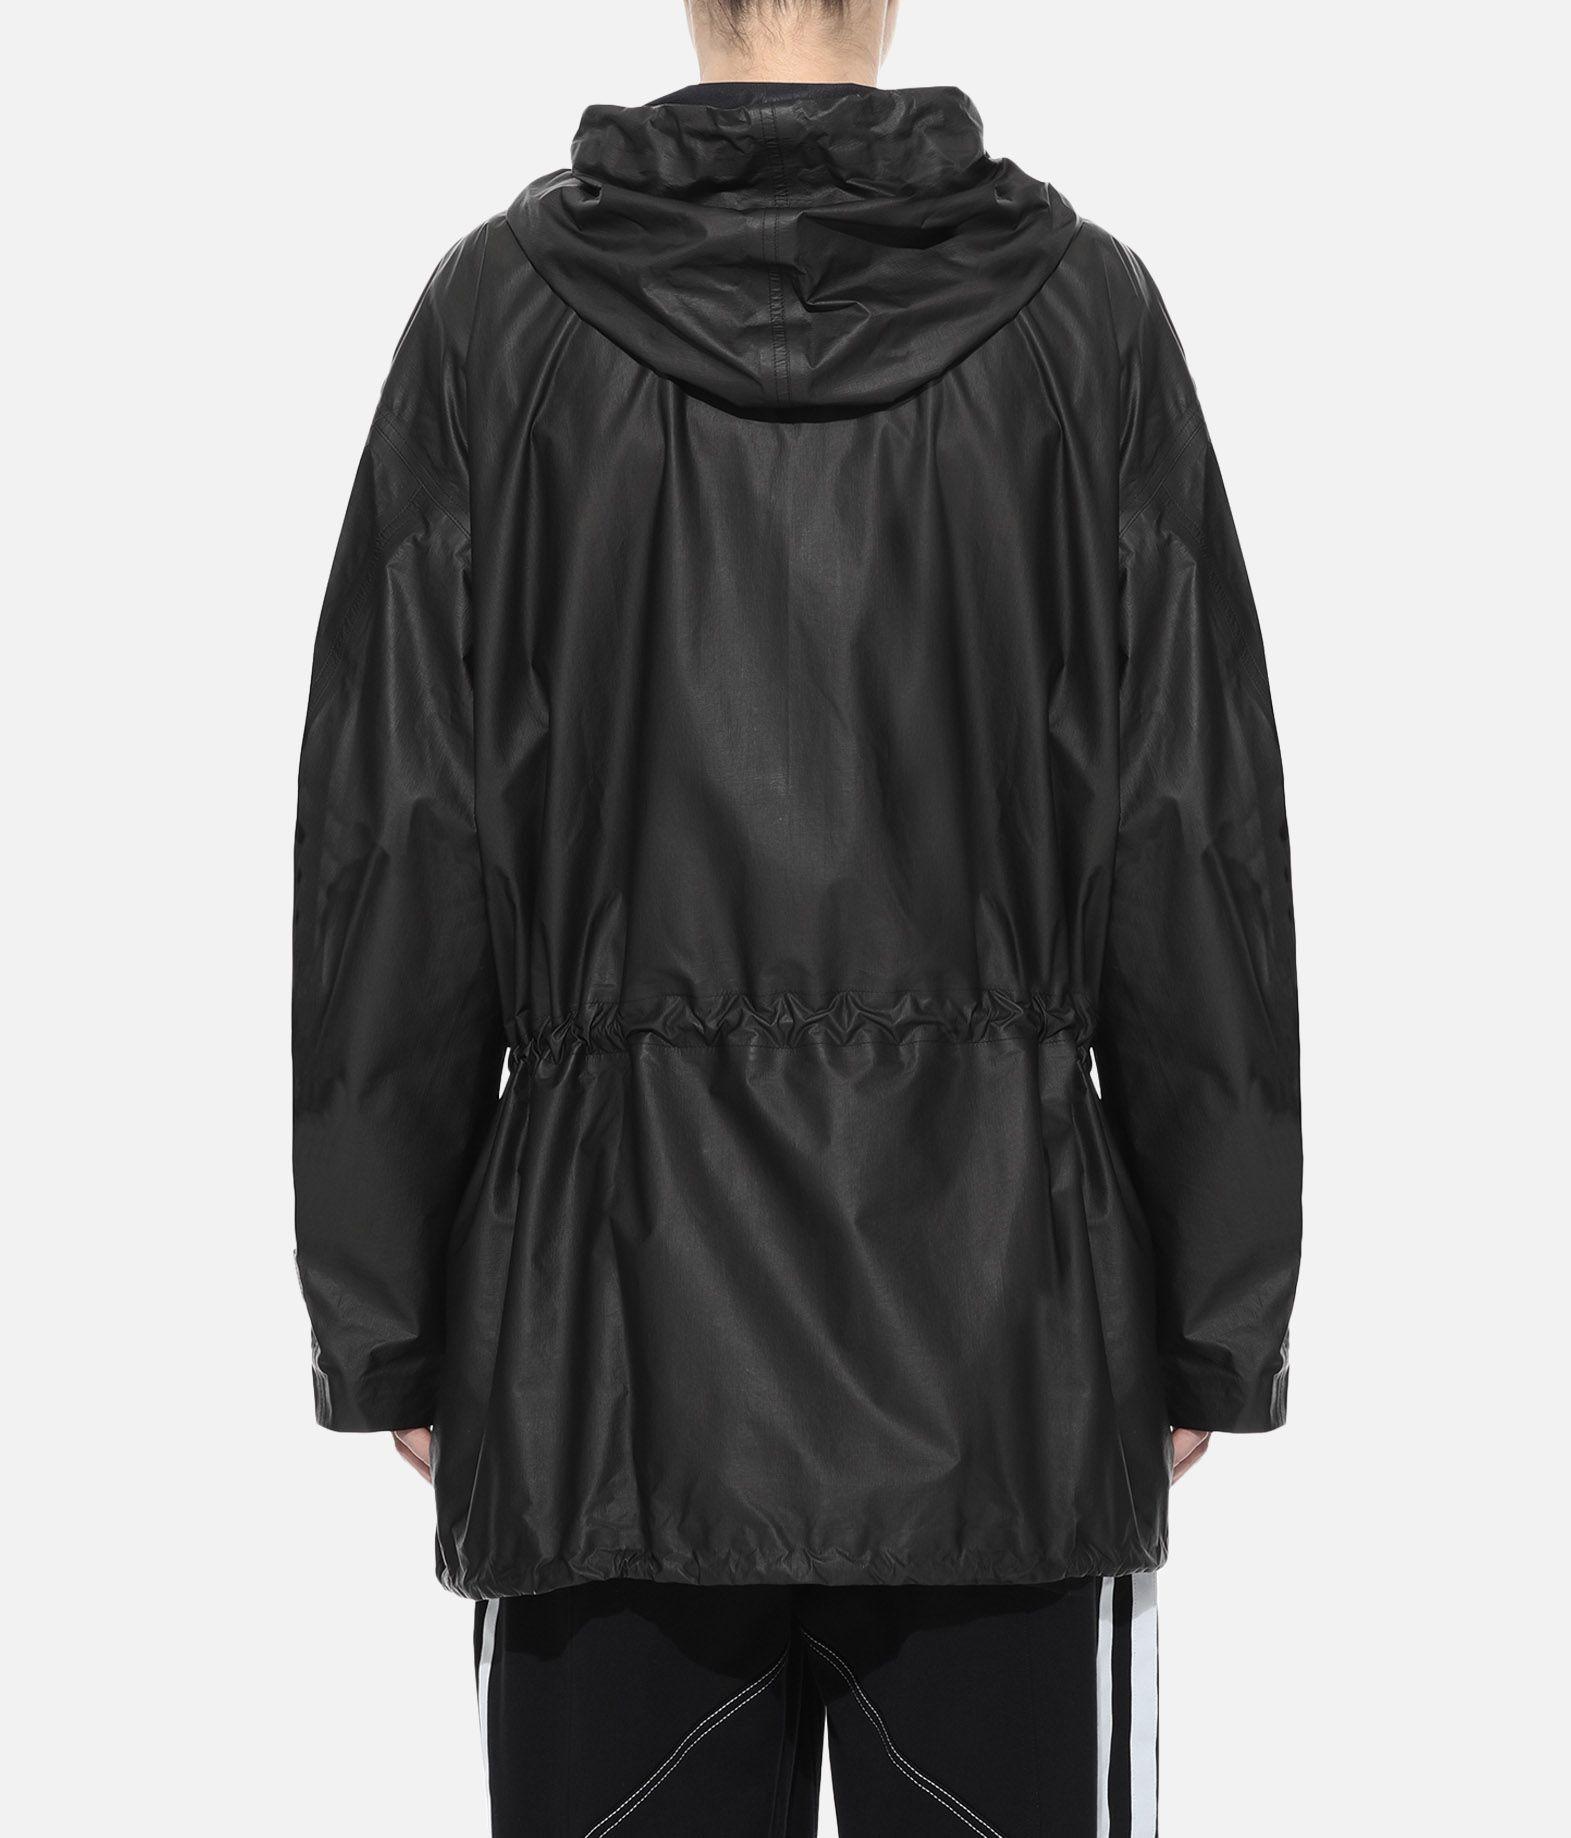 Y-3 Y-3 GORE-TEX Utility Hoodie Jacket Jacket Woman d